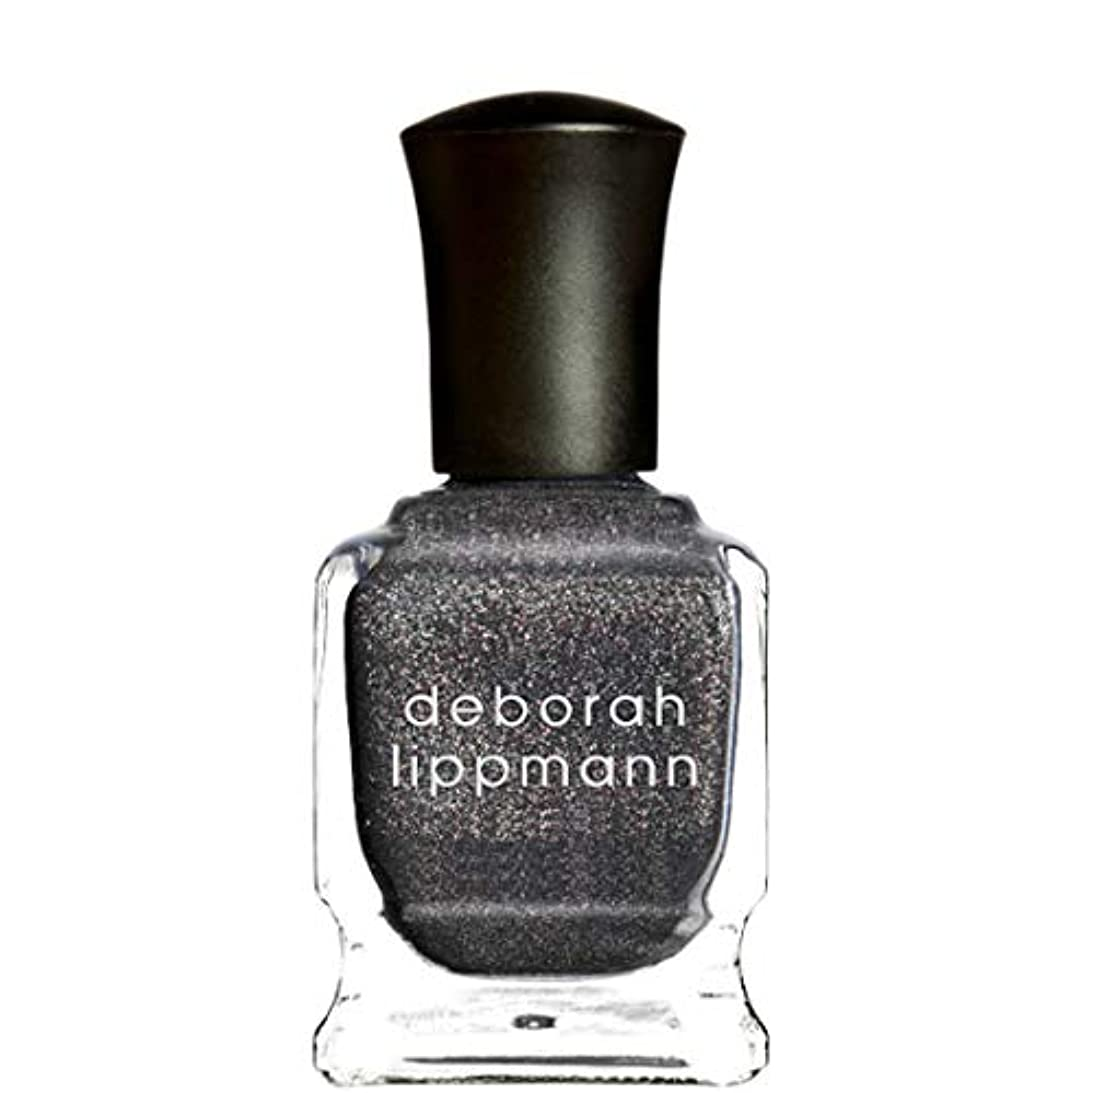 蒸必要条件試みる[Deborah Lippmann] デボラリップマン ネイルポリッシュ ジェルラボプロ ミニ 8mL (チャコールシマー) BLACK MAGIC WOMAN ブラック マジック ウーマン